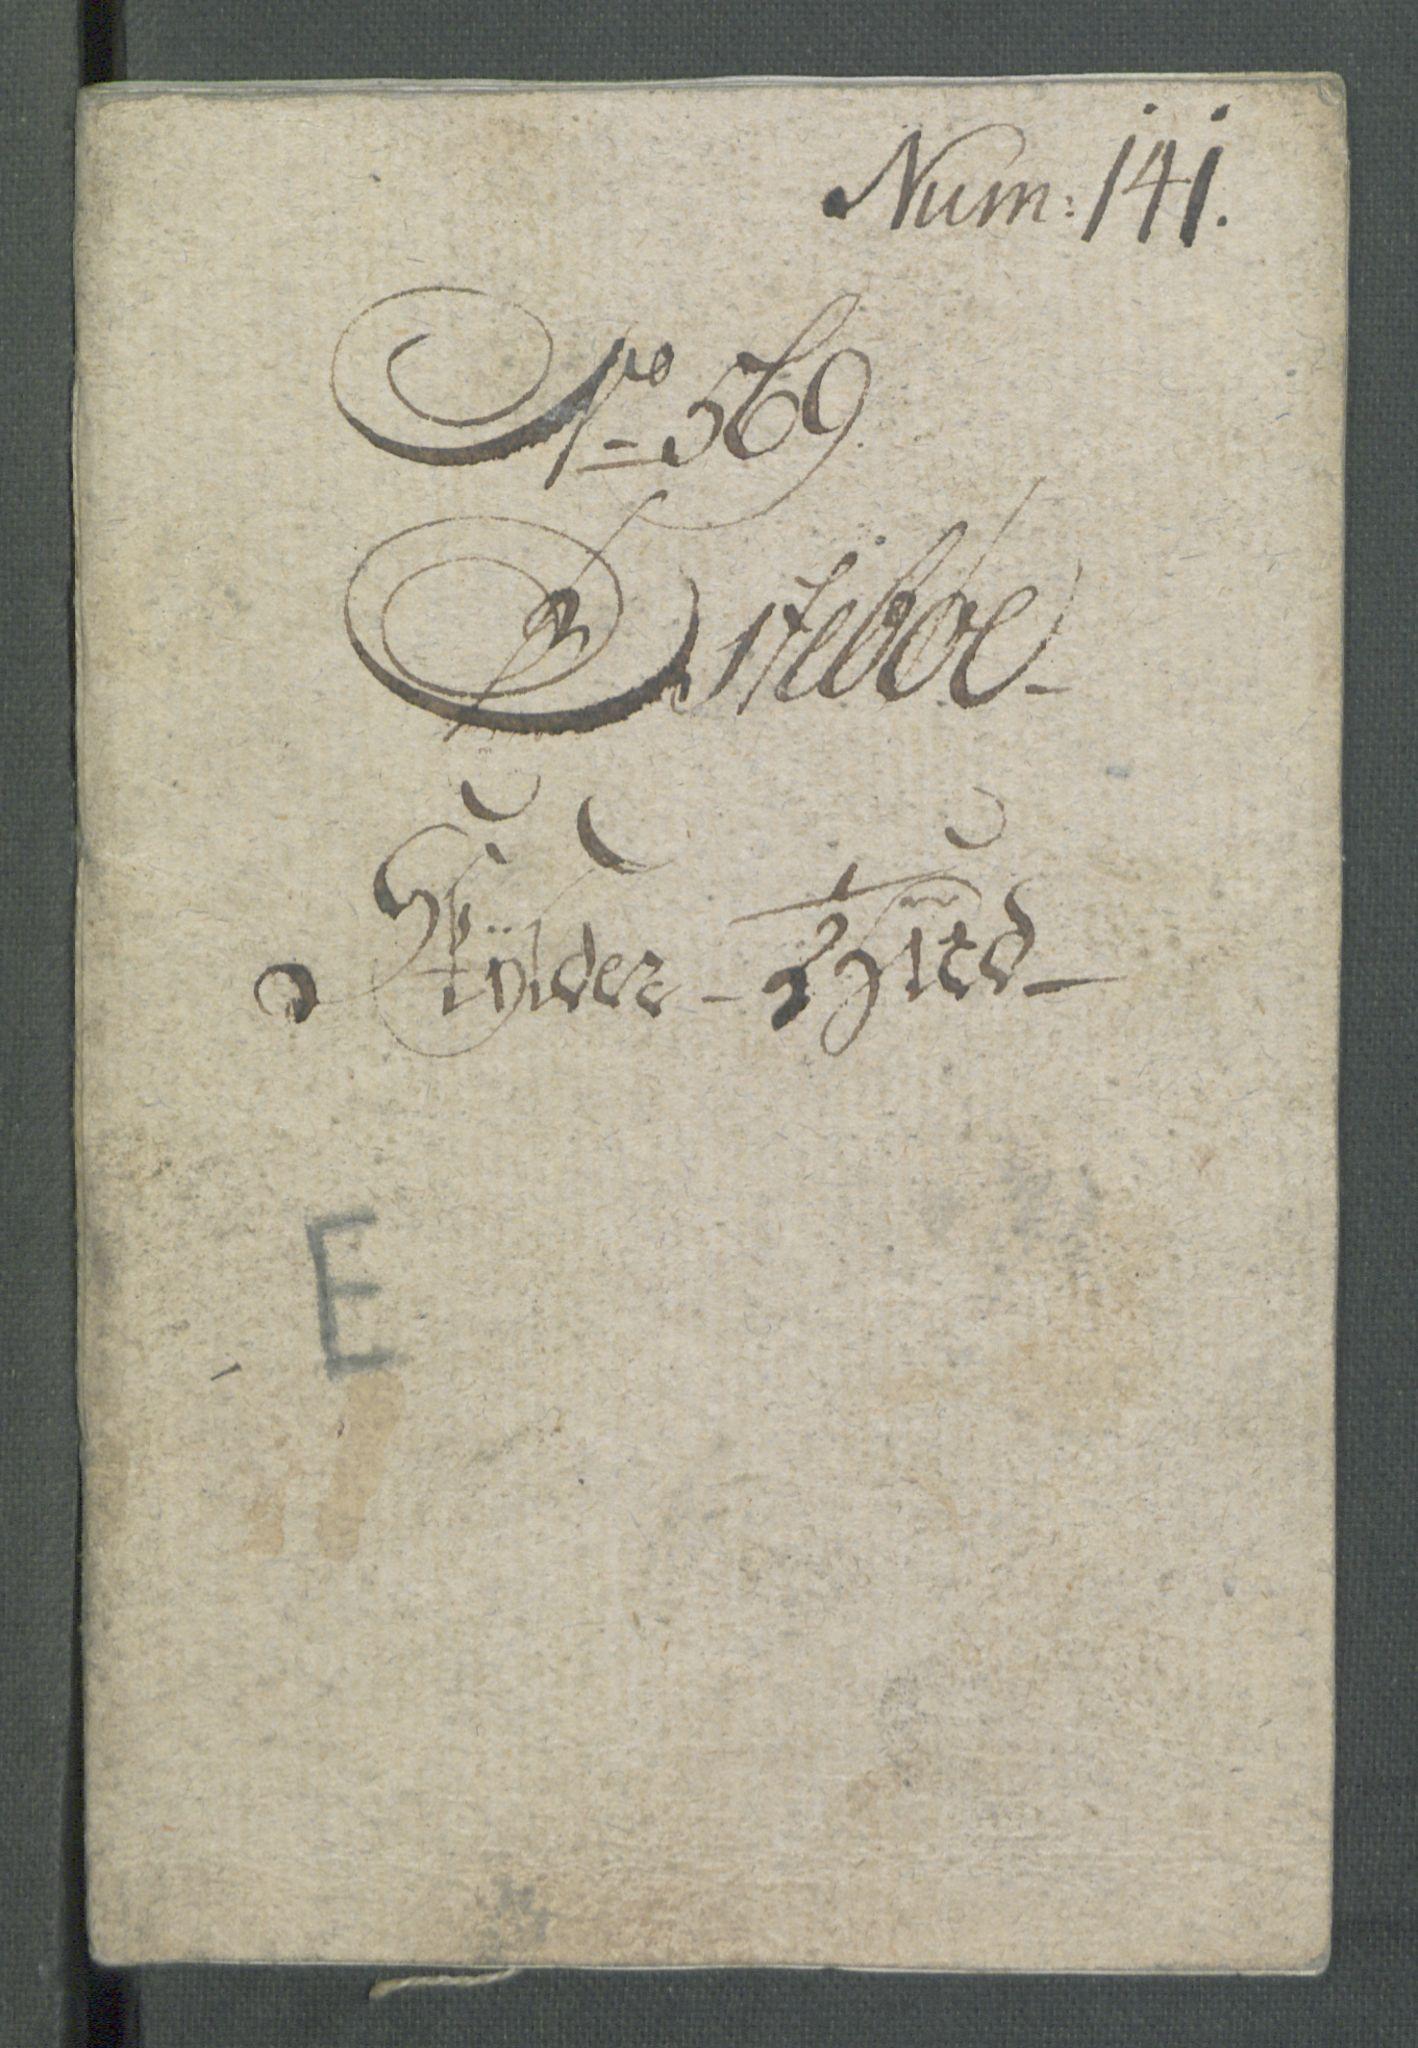 RA, Rentekammeret inntil 1814, Realistisk ordnet avdeling, Od/L0001: Oppløp, 1786-1769, s. 540